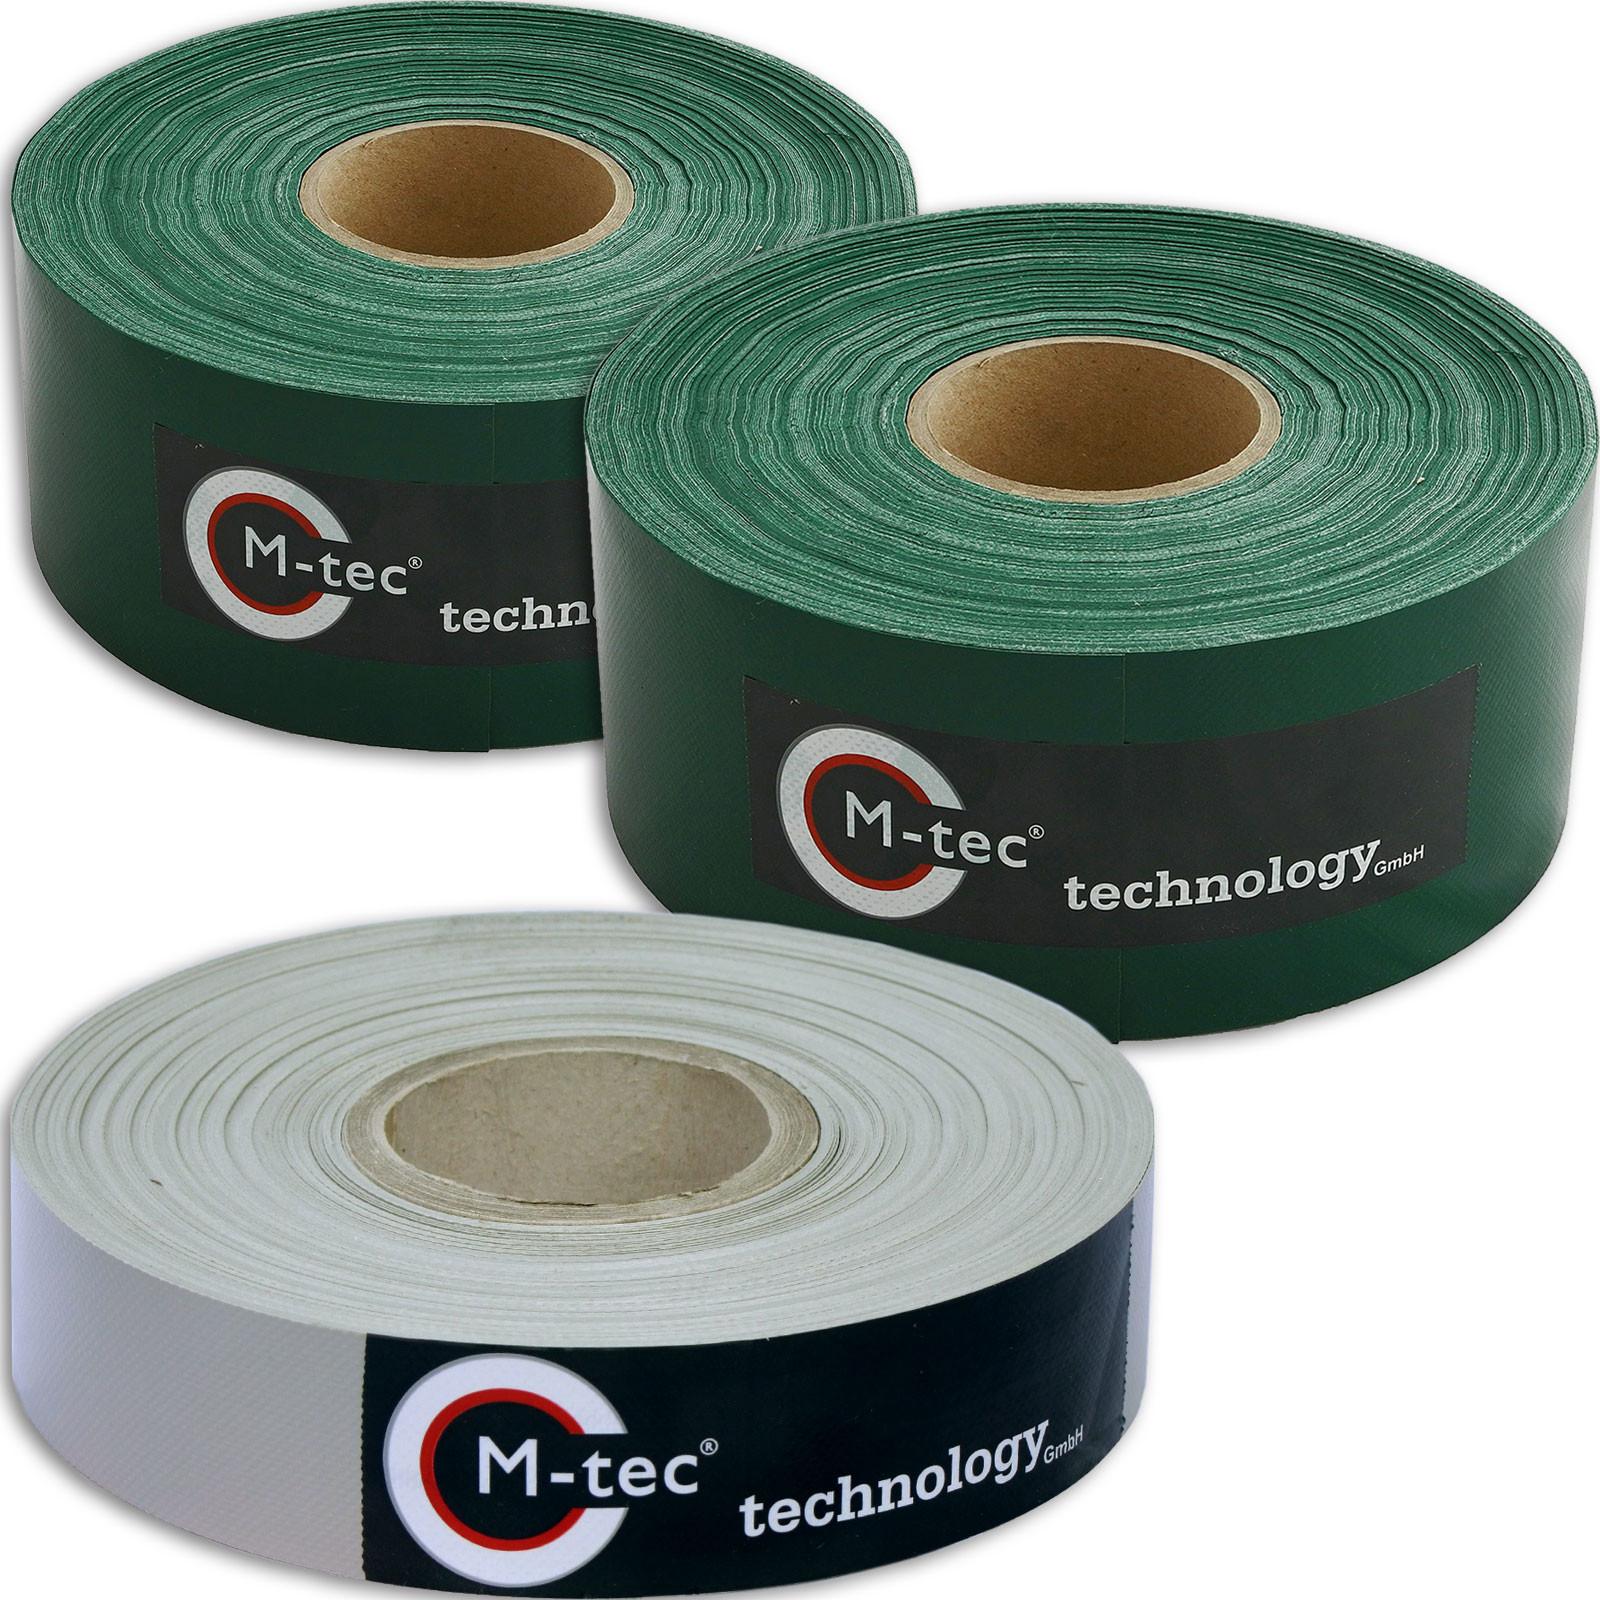 PVC Sichtschutzstreifen Designset 65m - 2x 7,5cm Breitgrün - 1x 4cm Breit lichtgrau M-tec Profi-line ®